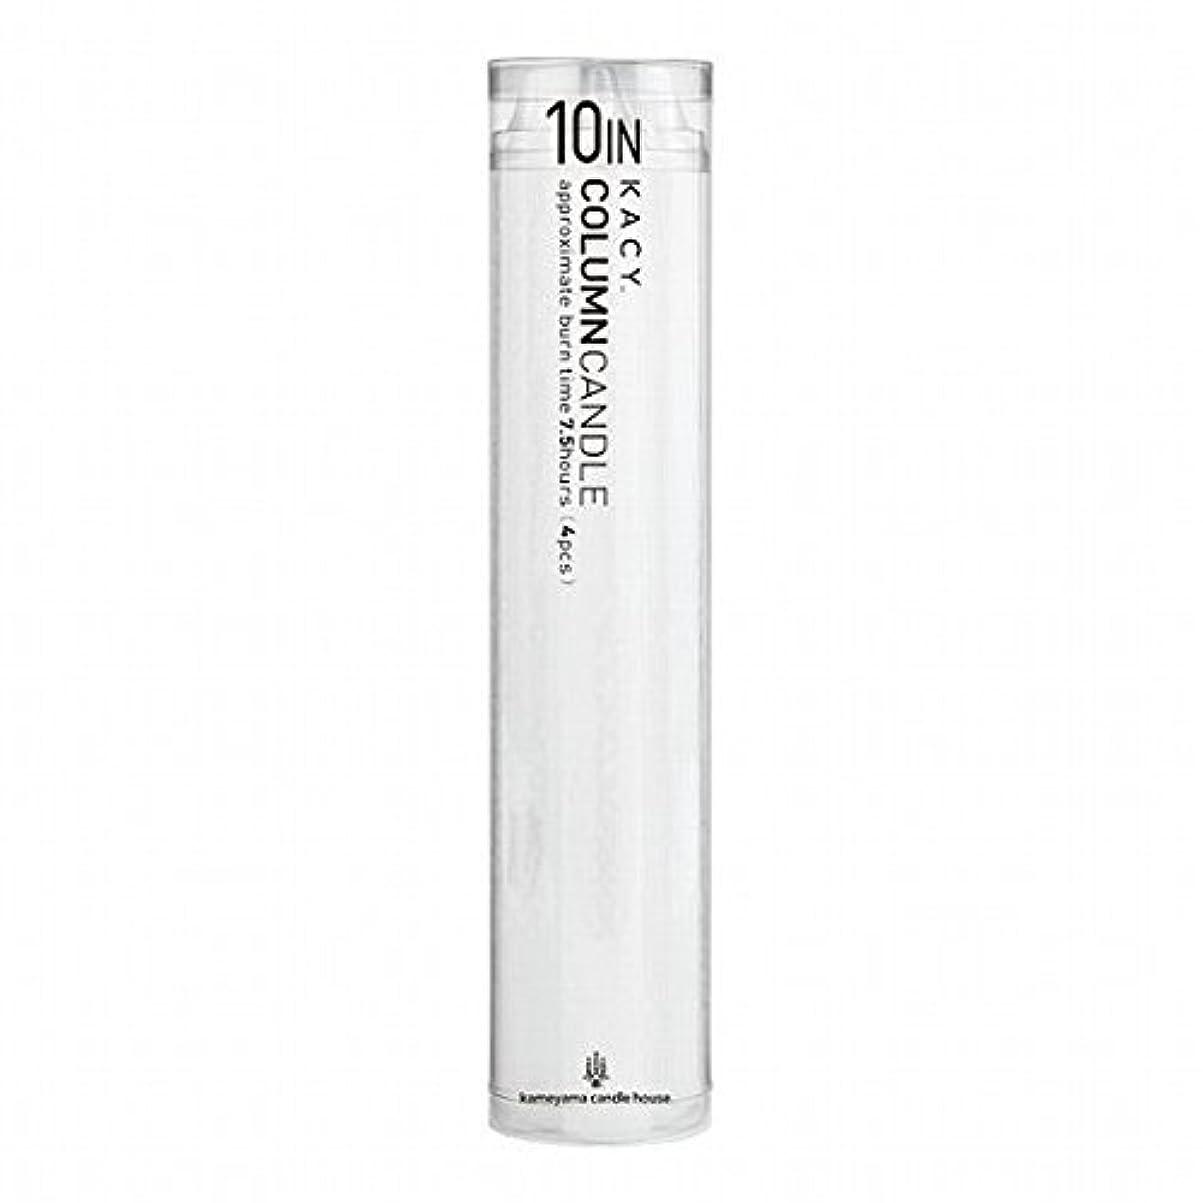 まだら貫通テニスkameyama candle(カメヤマキャンドル) 10インチコラムキャンドル4本入り 「 ホワイト 」(A9123100W)